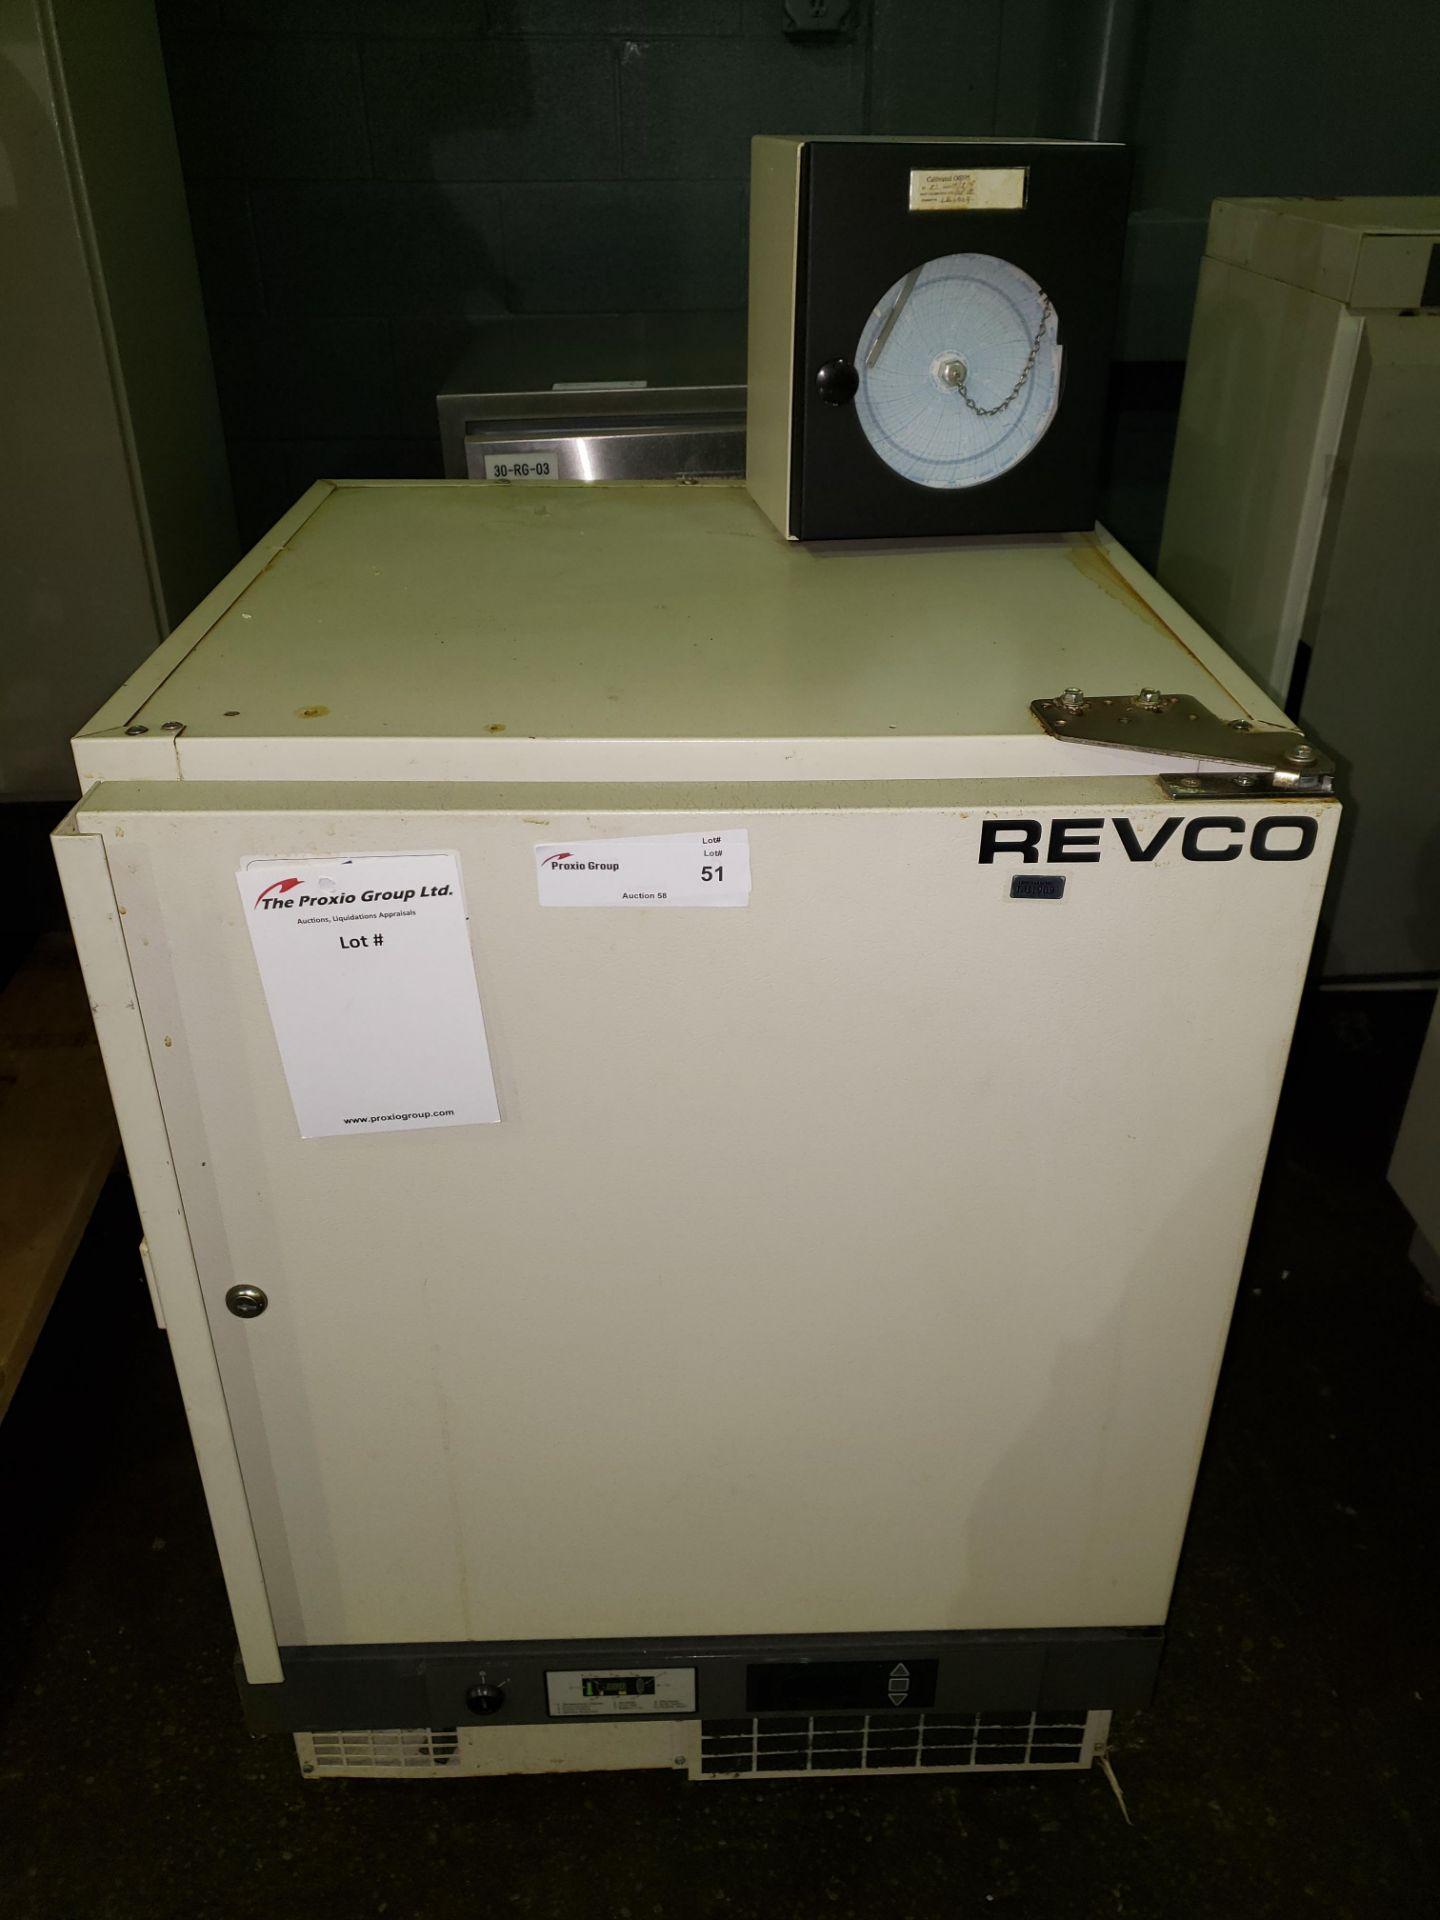 Lot 51 - Revco refrigerator, model UFP430A18, R134a refrigerant, 115 volt, serial# U18N-100240-UN.